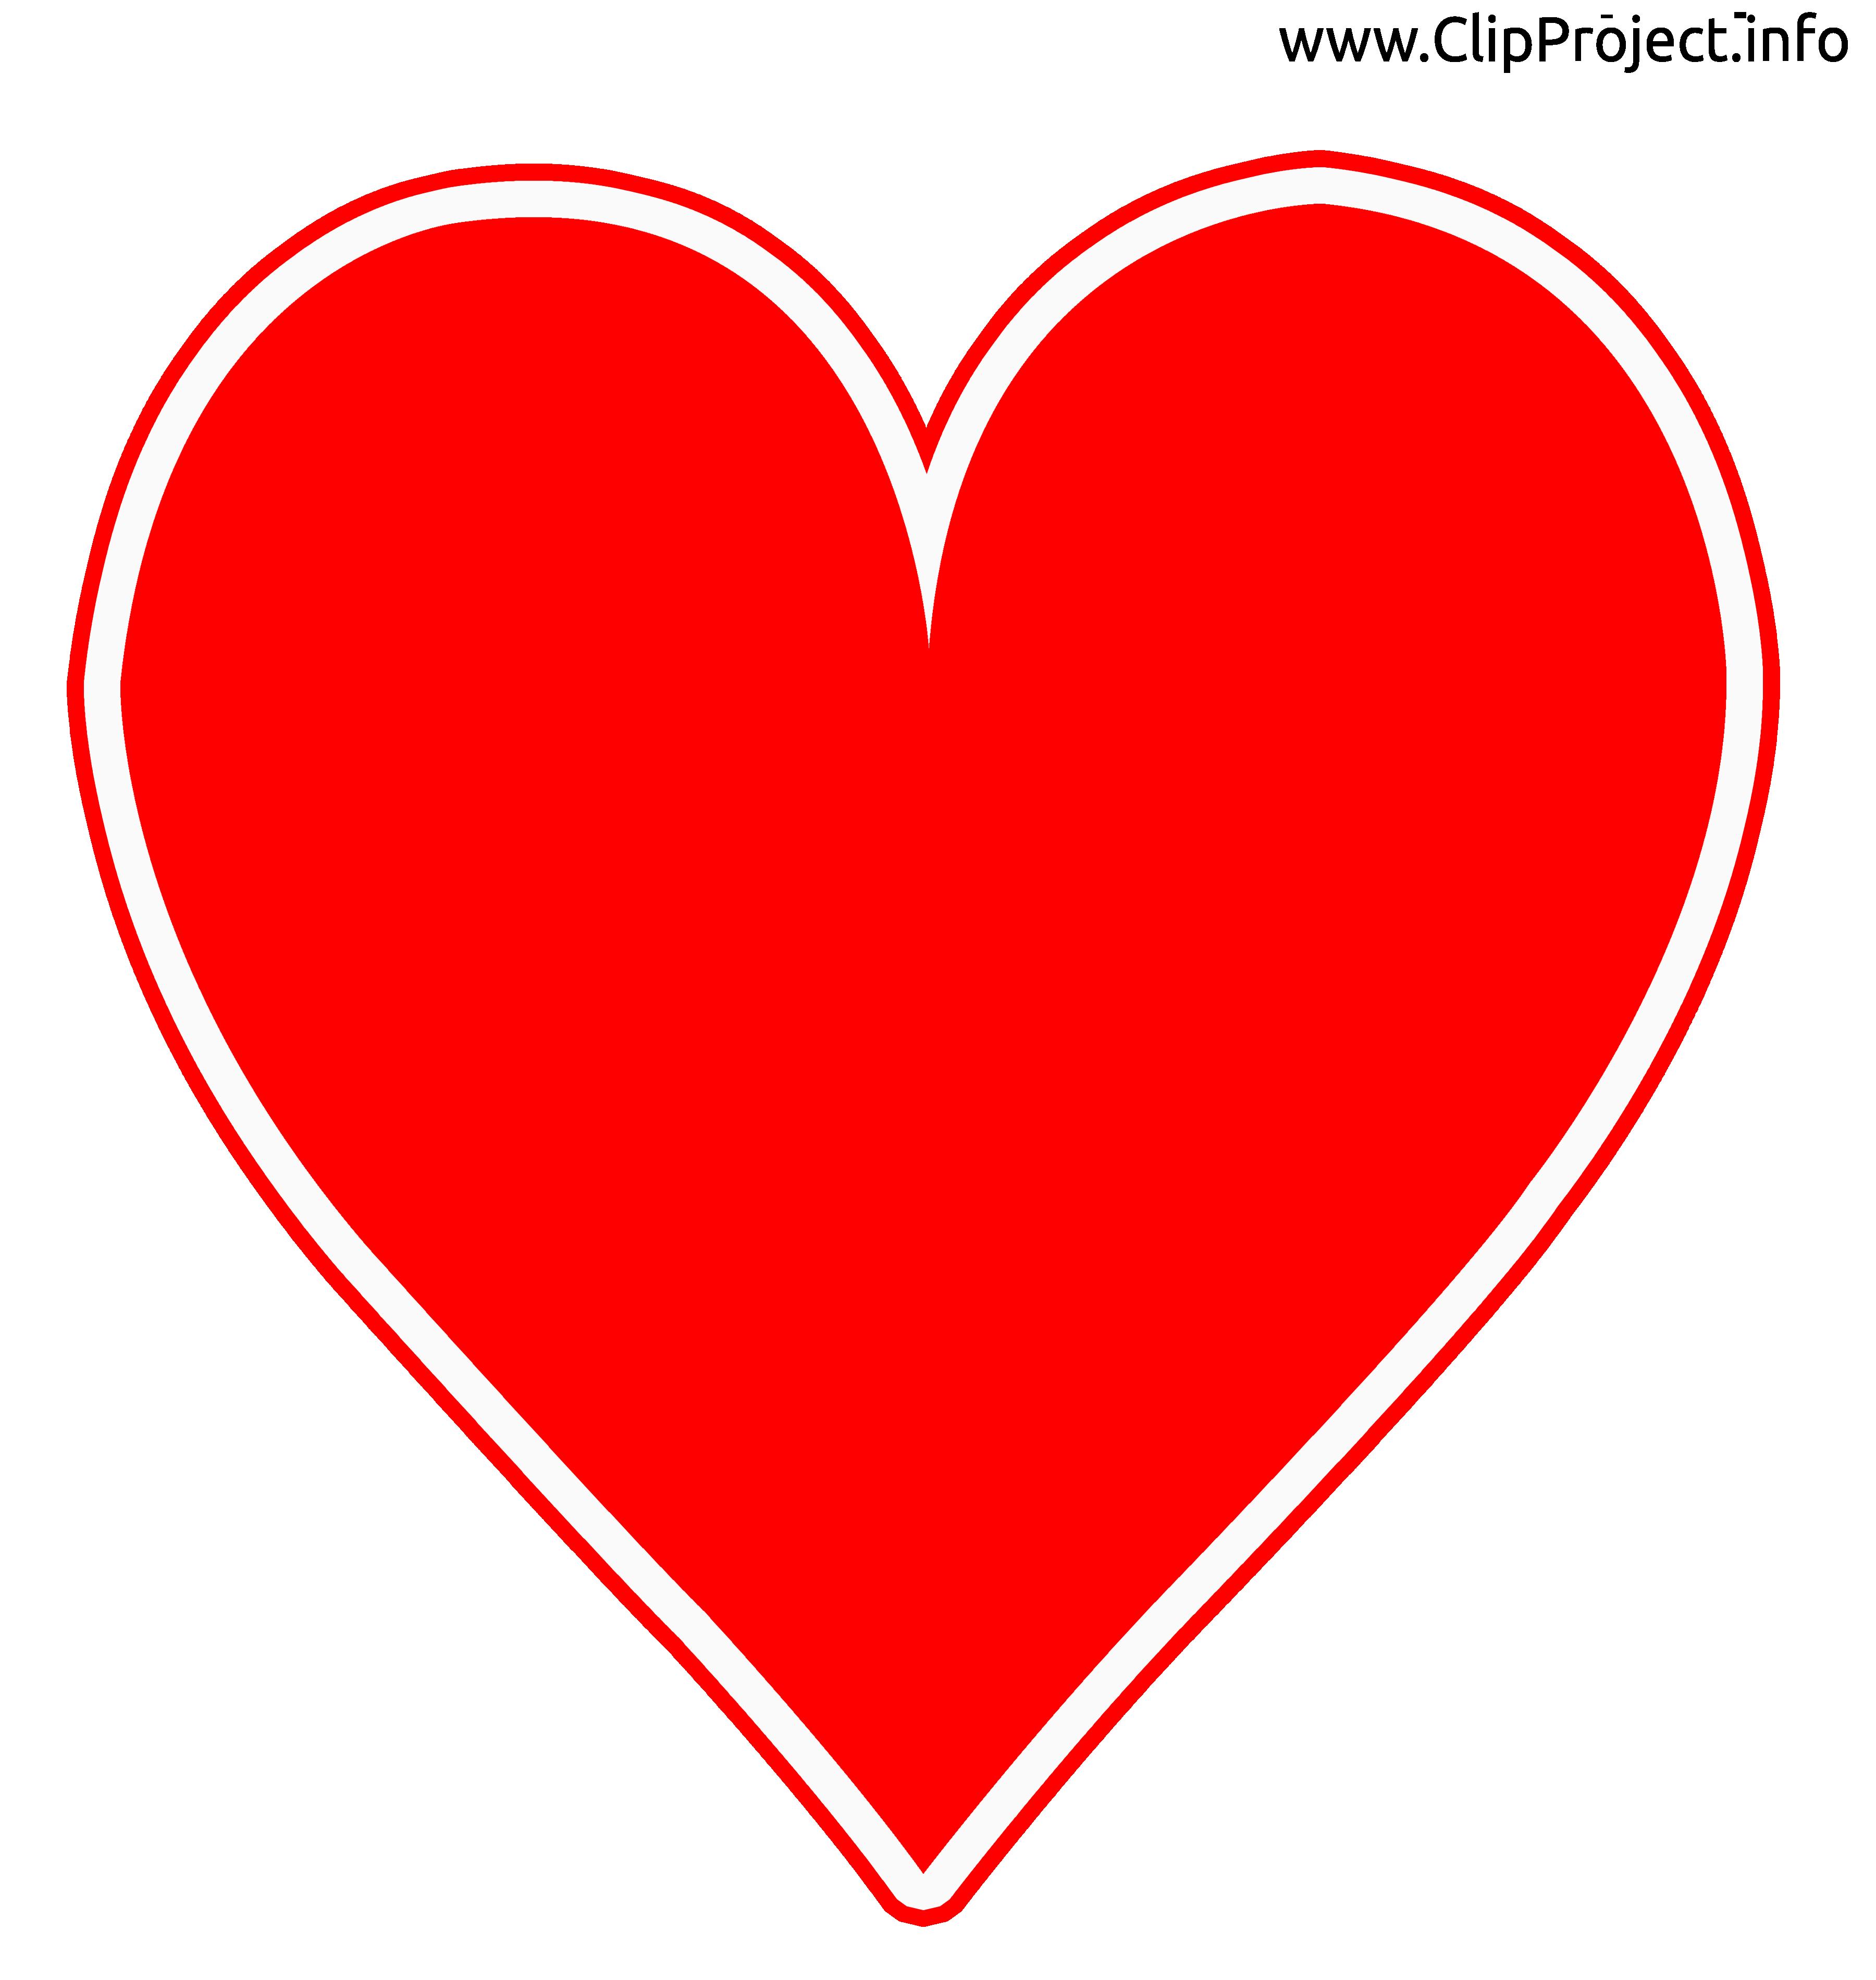 Coeur images cartes clip art gratuit faire la f te - Image de coeur gratuit ...